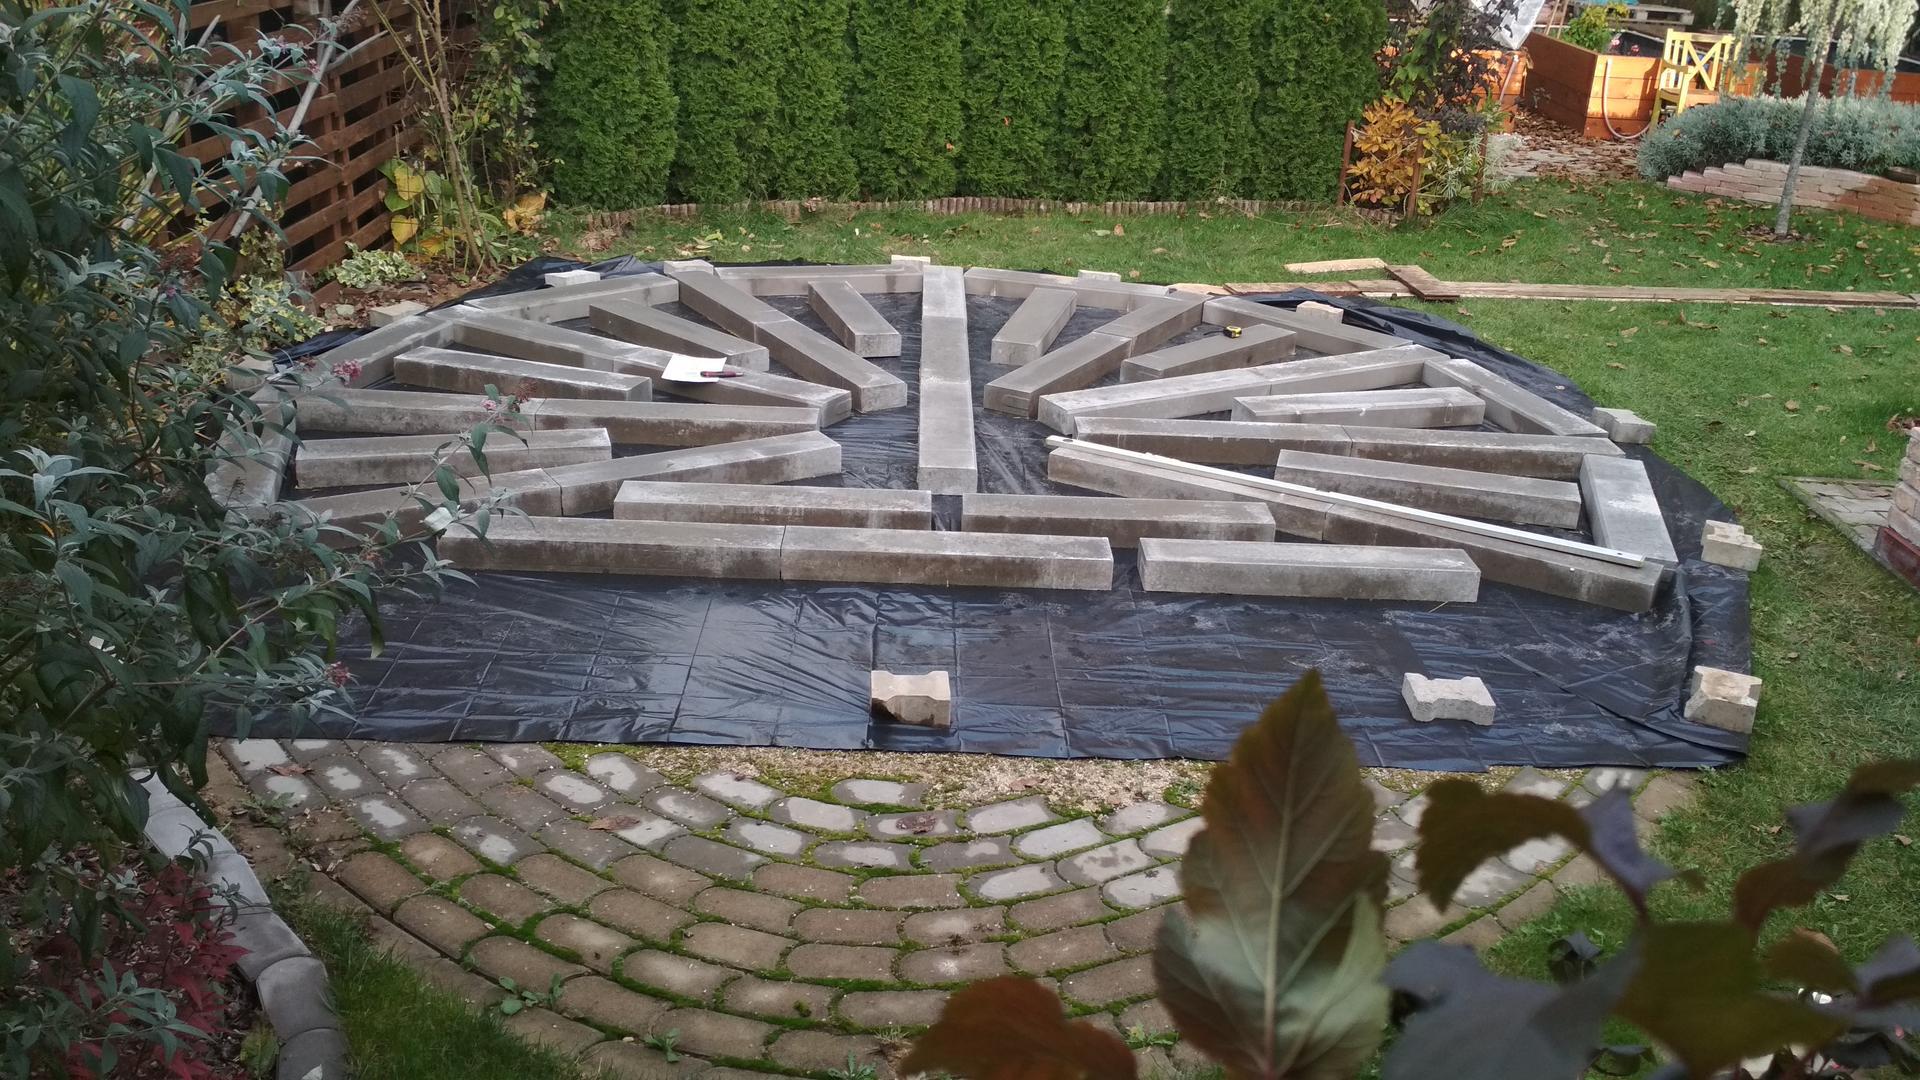 Sauna domček s relax zónou ... plány, príprava a realizácia - Obrázok č. 58